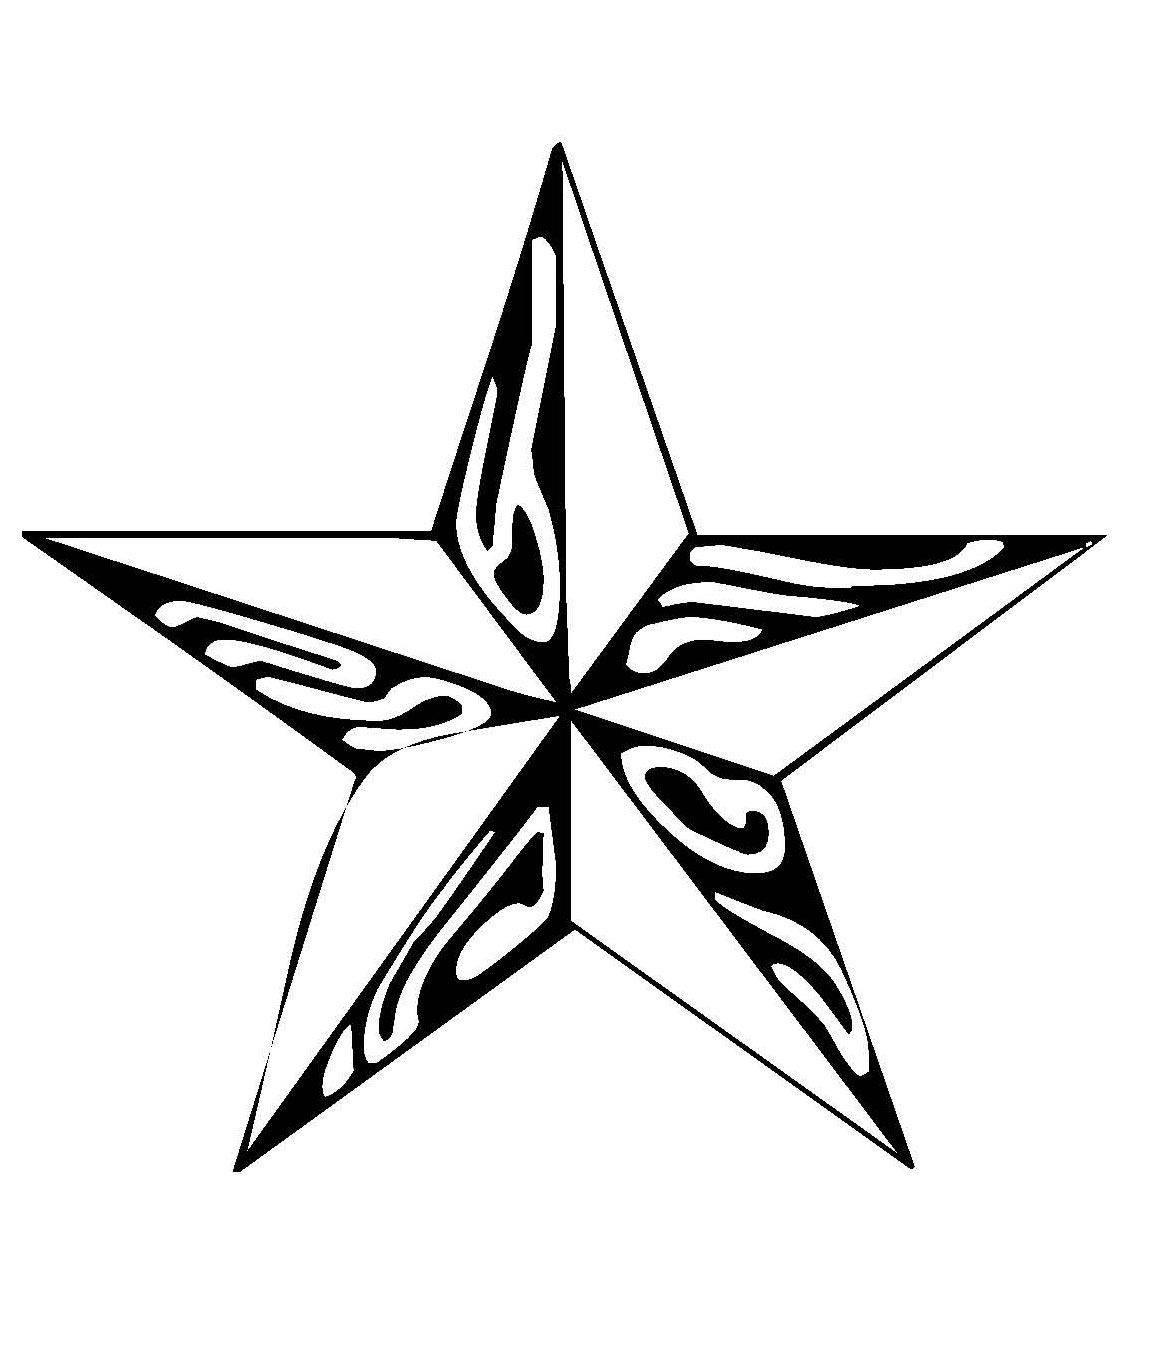 Malvorlagen Stern  Kostenlose Malvorlage Schneeflocken und Sterne Stern 6